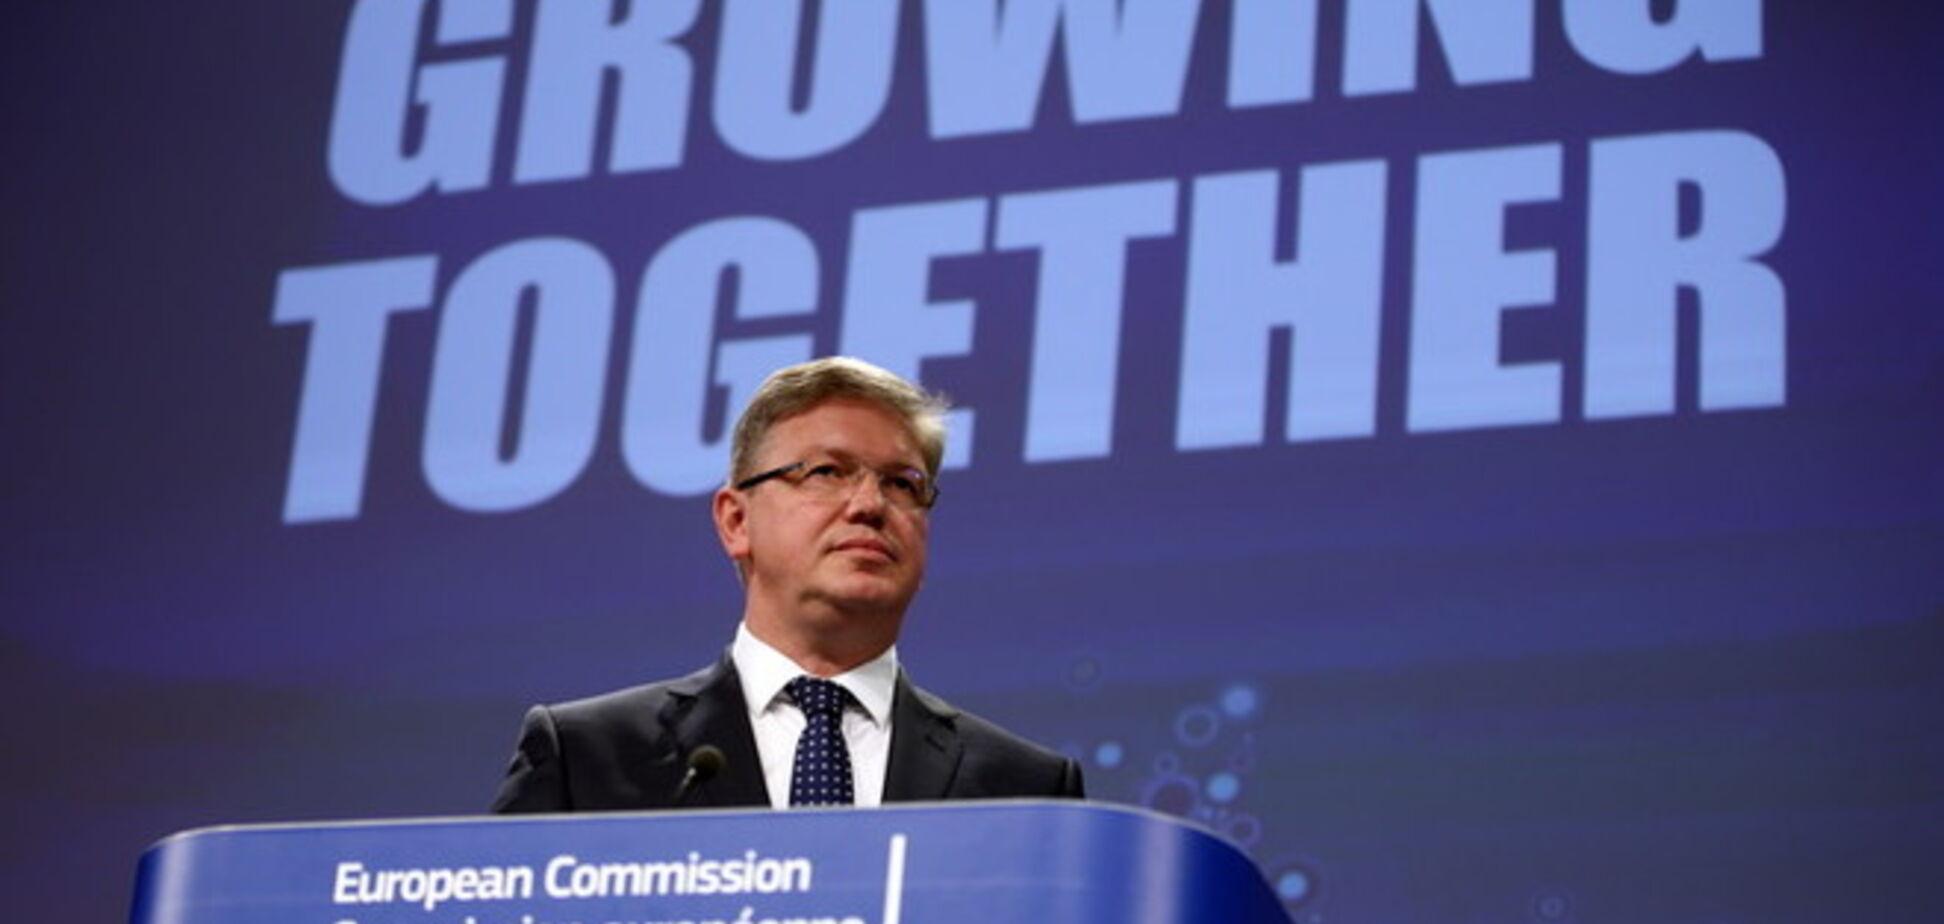 Еврокомиссар Фюле посетит Украину для участия в саммите YES